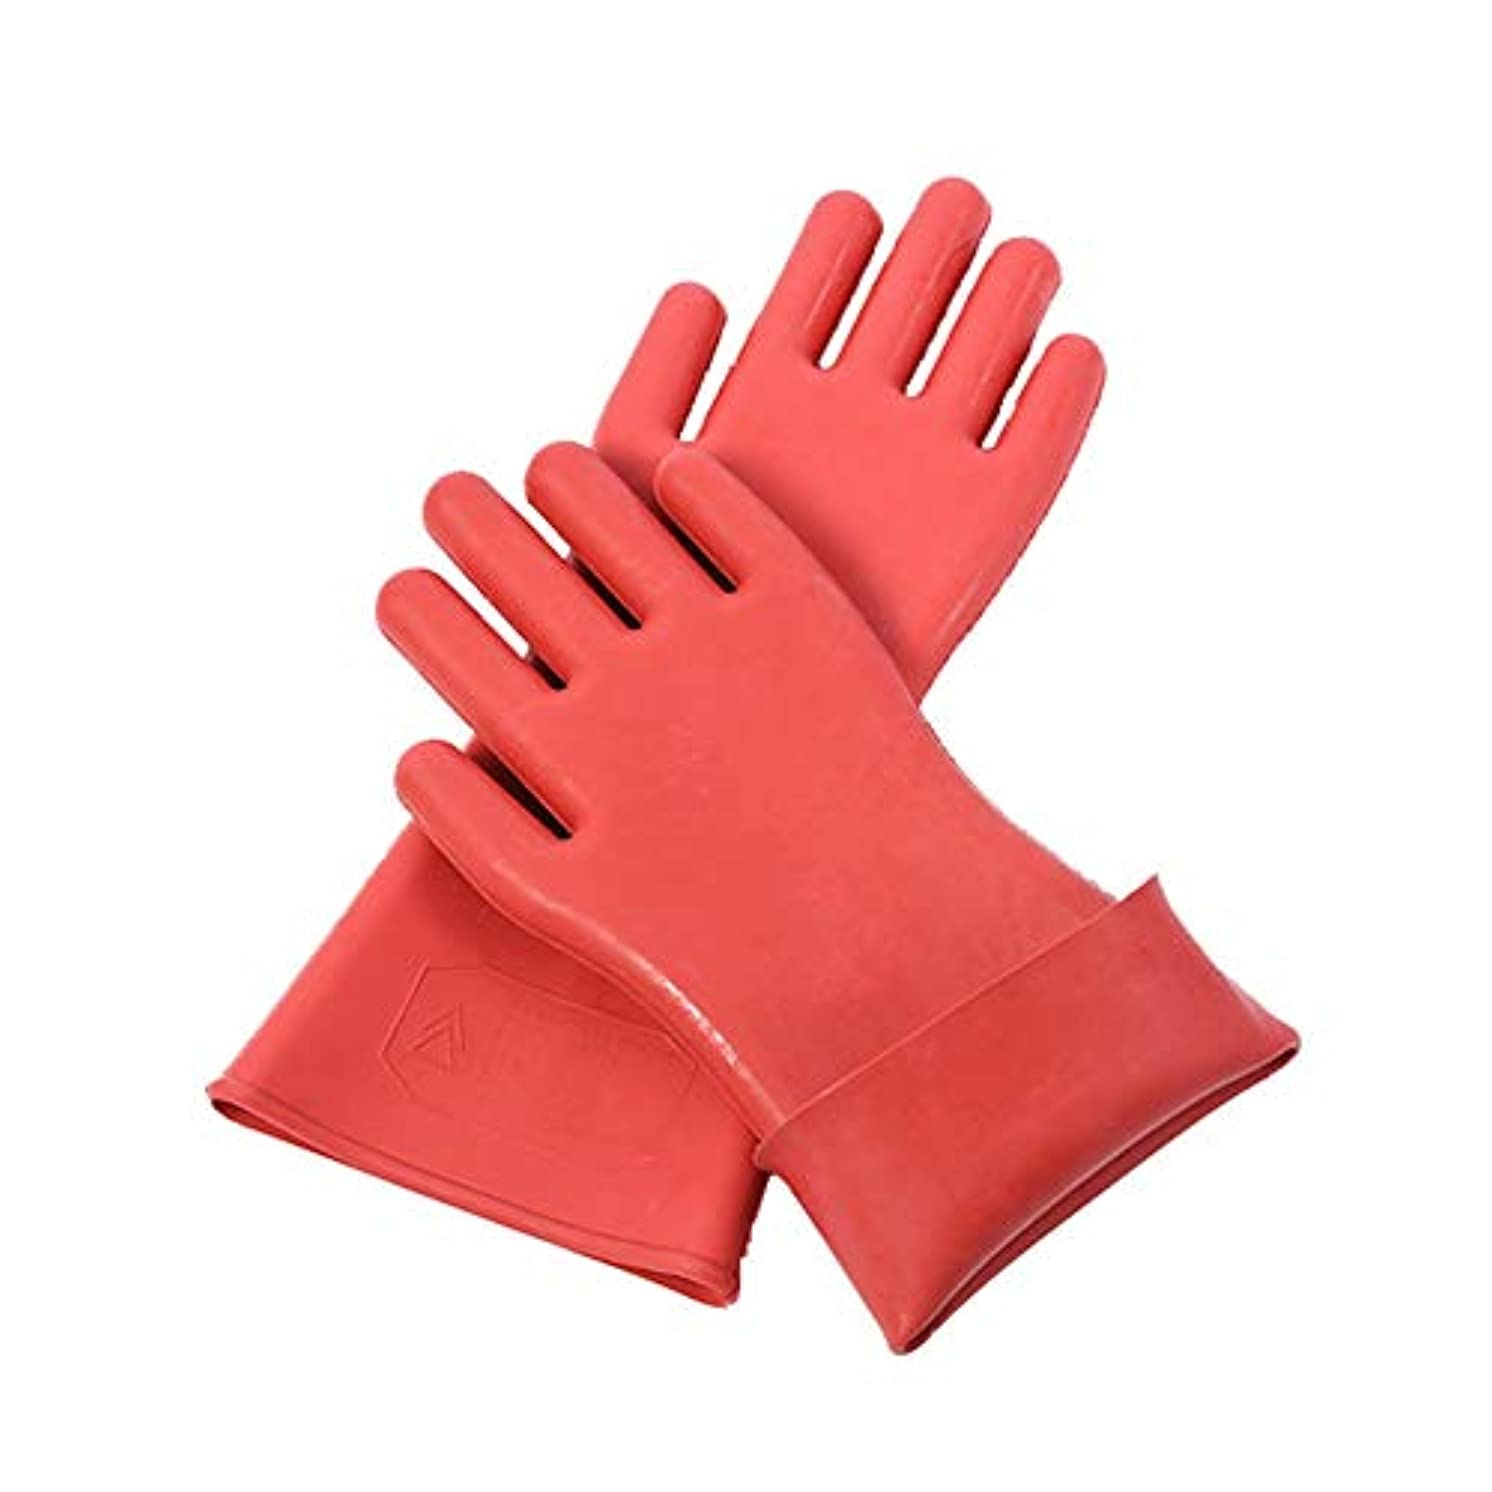 混乱した噴水ヒロイン高圧用絶縁手袋 12kv 電気絶縁 ゴム手袋 絶縁グローブ(薄手タイプ)使いやすい 滑り止めデザイン、耐摩耗タイプ、電気作業時の必需品 耐電ゴム手袋